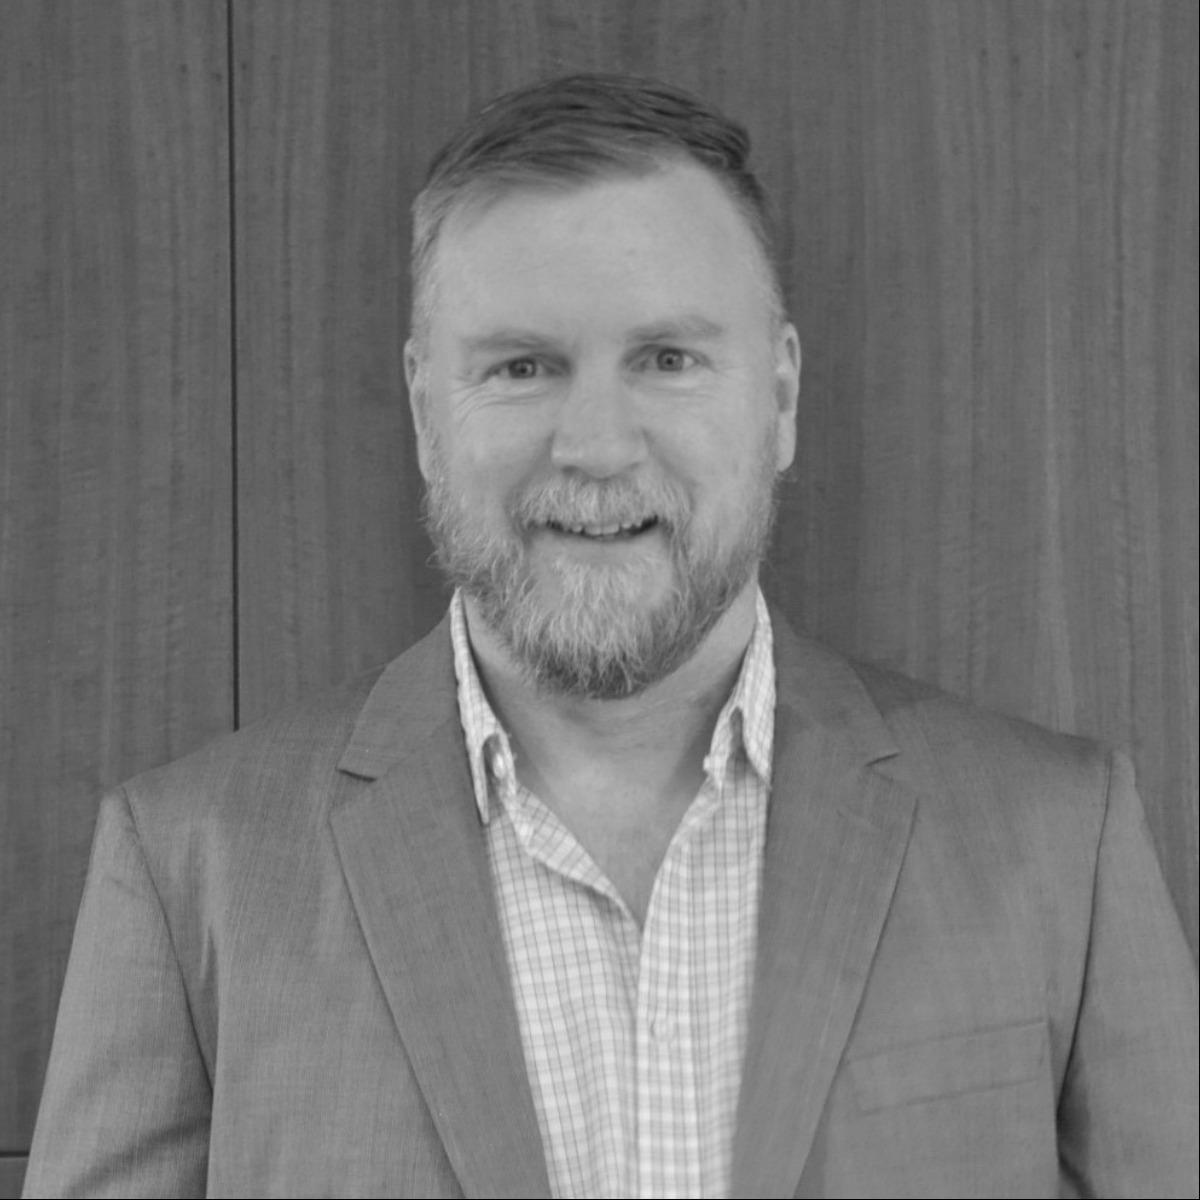 ThreeSixty Supply Chain Group, Matthew Philips